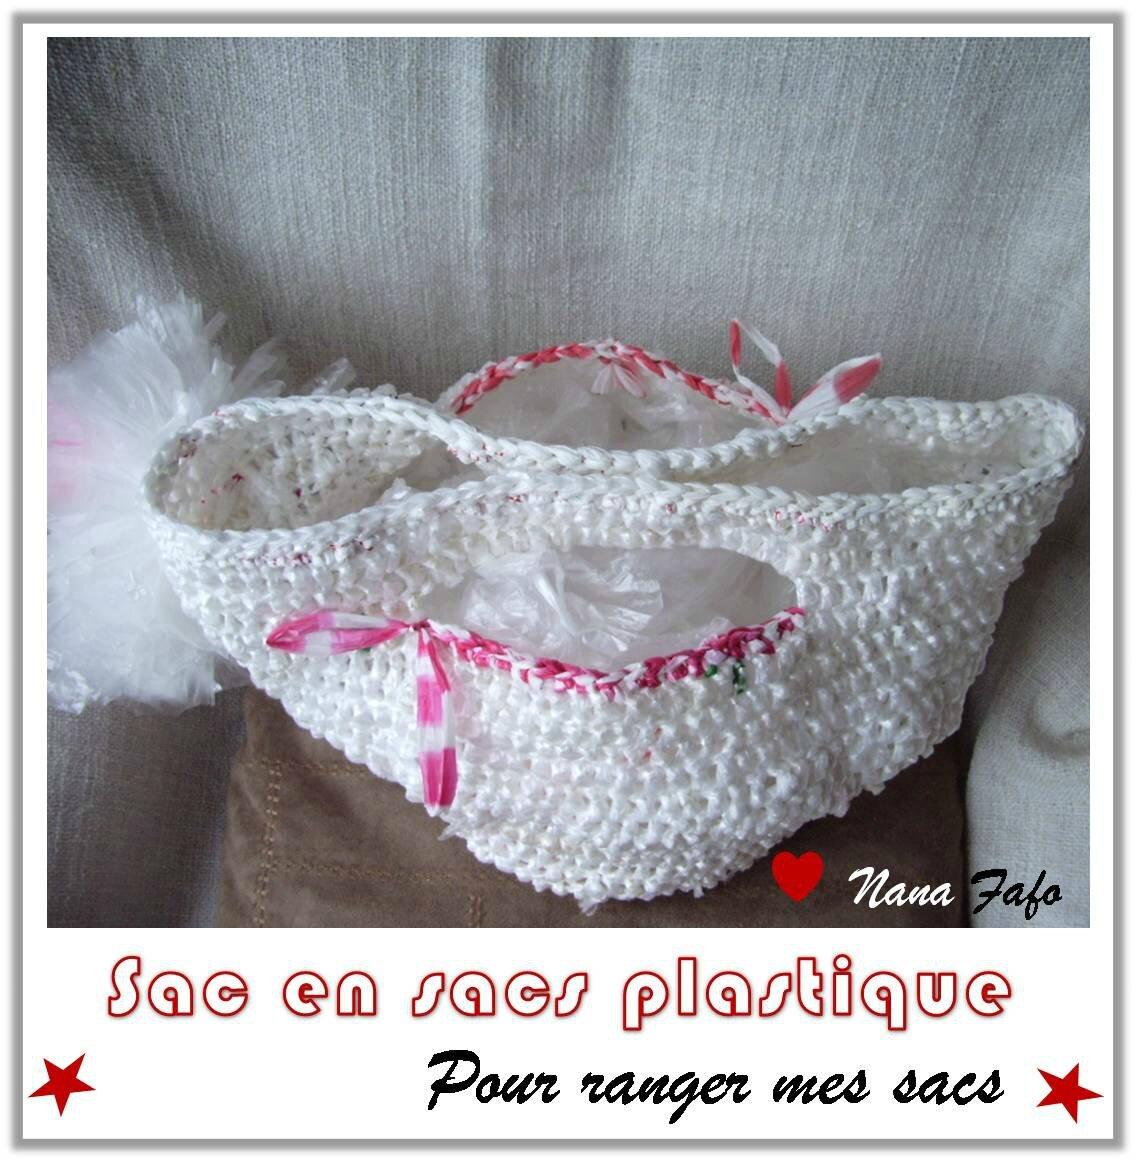 sac en sacs plastiques 06